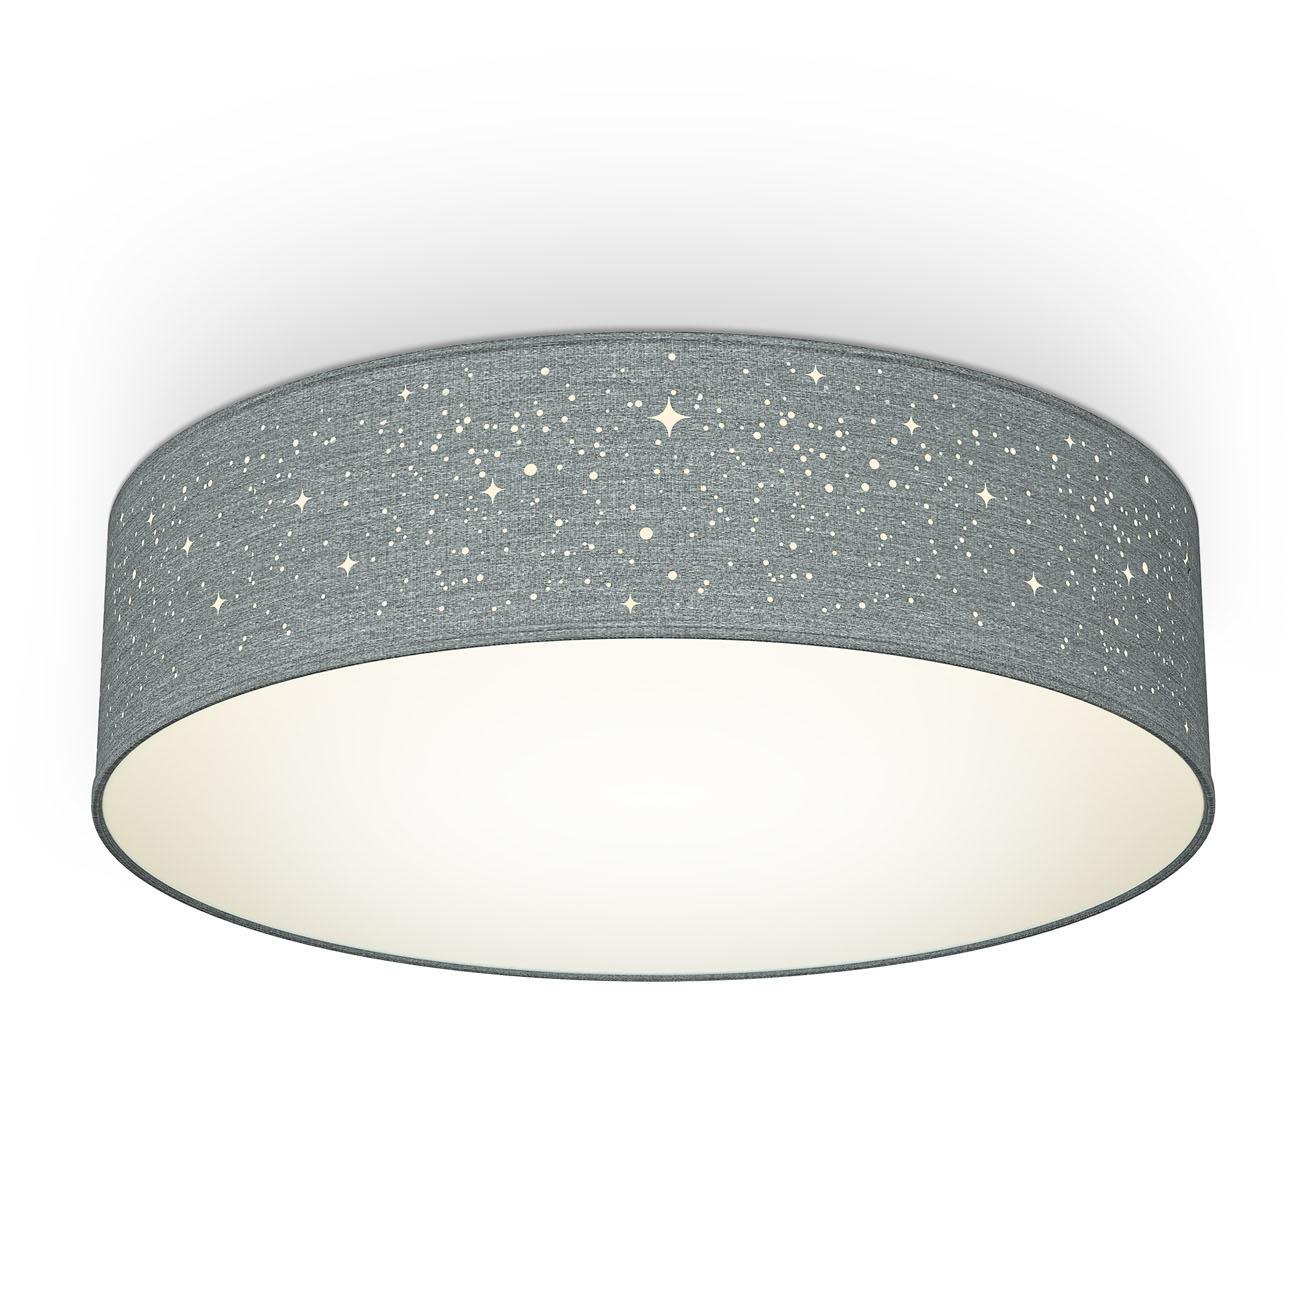 Deckenleuchte Stoff mit Sternenoptik grau 2xE27 - 1